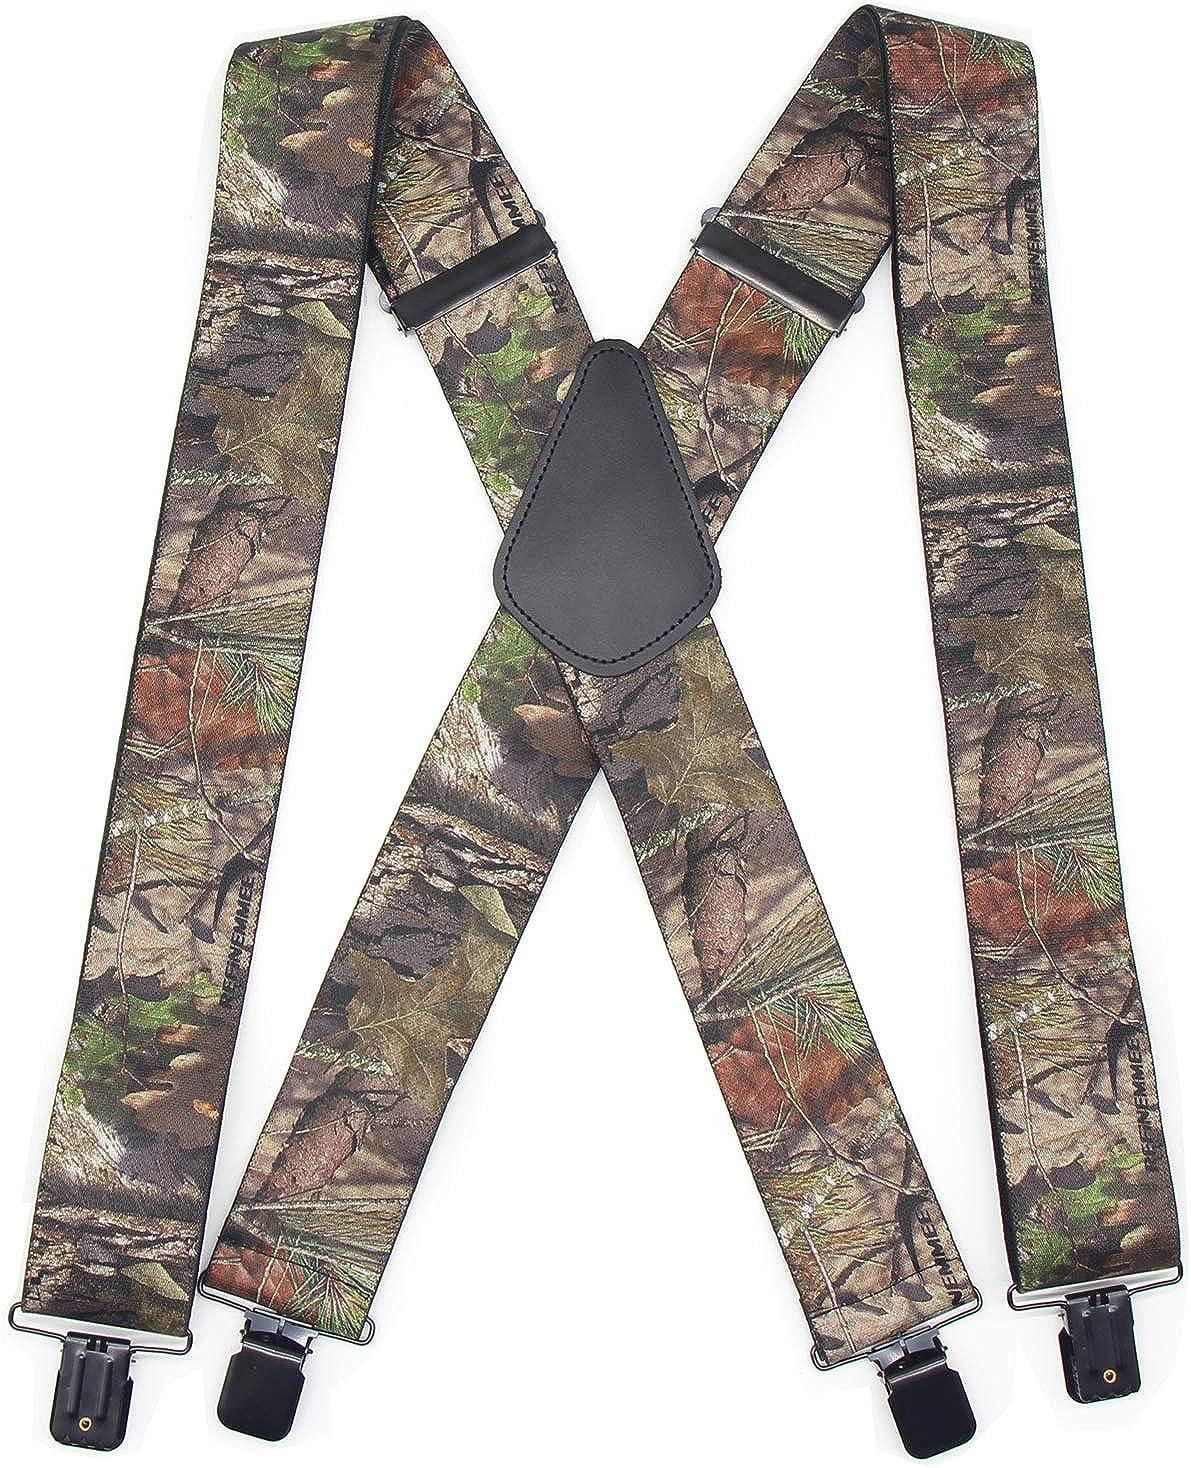 Trucker Side Clip Suspenders X-back for Hunting/Long Haul Truckers/Policemen/Bikers/Contractors,2